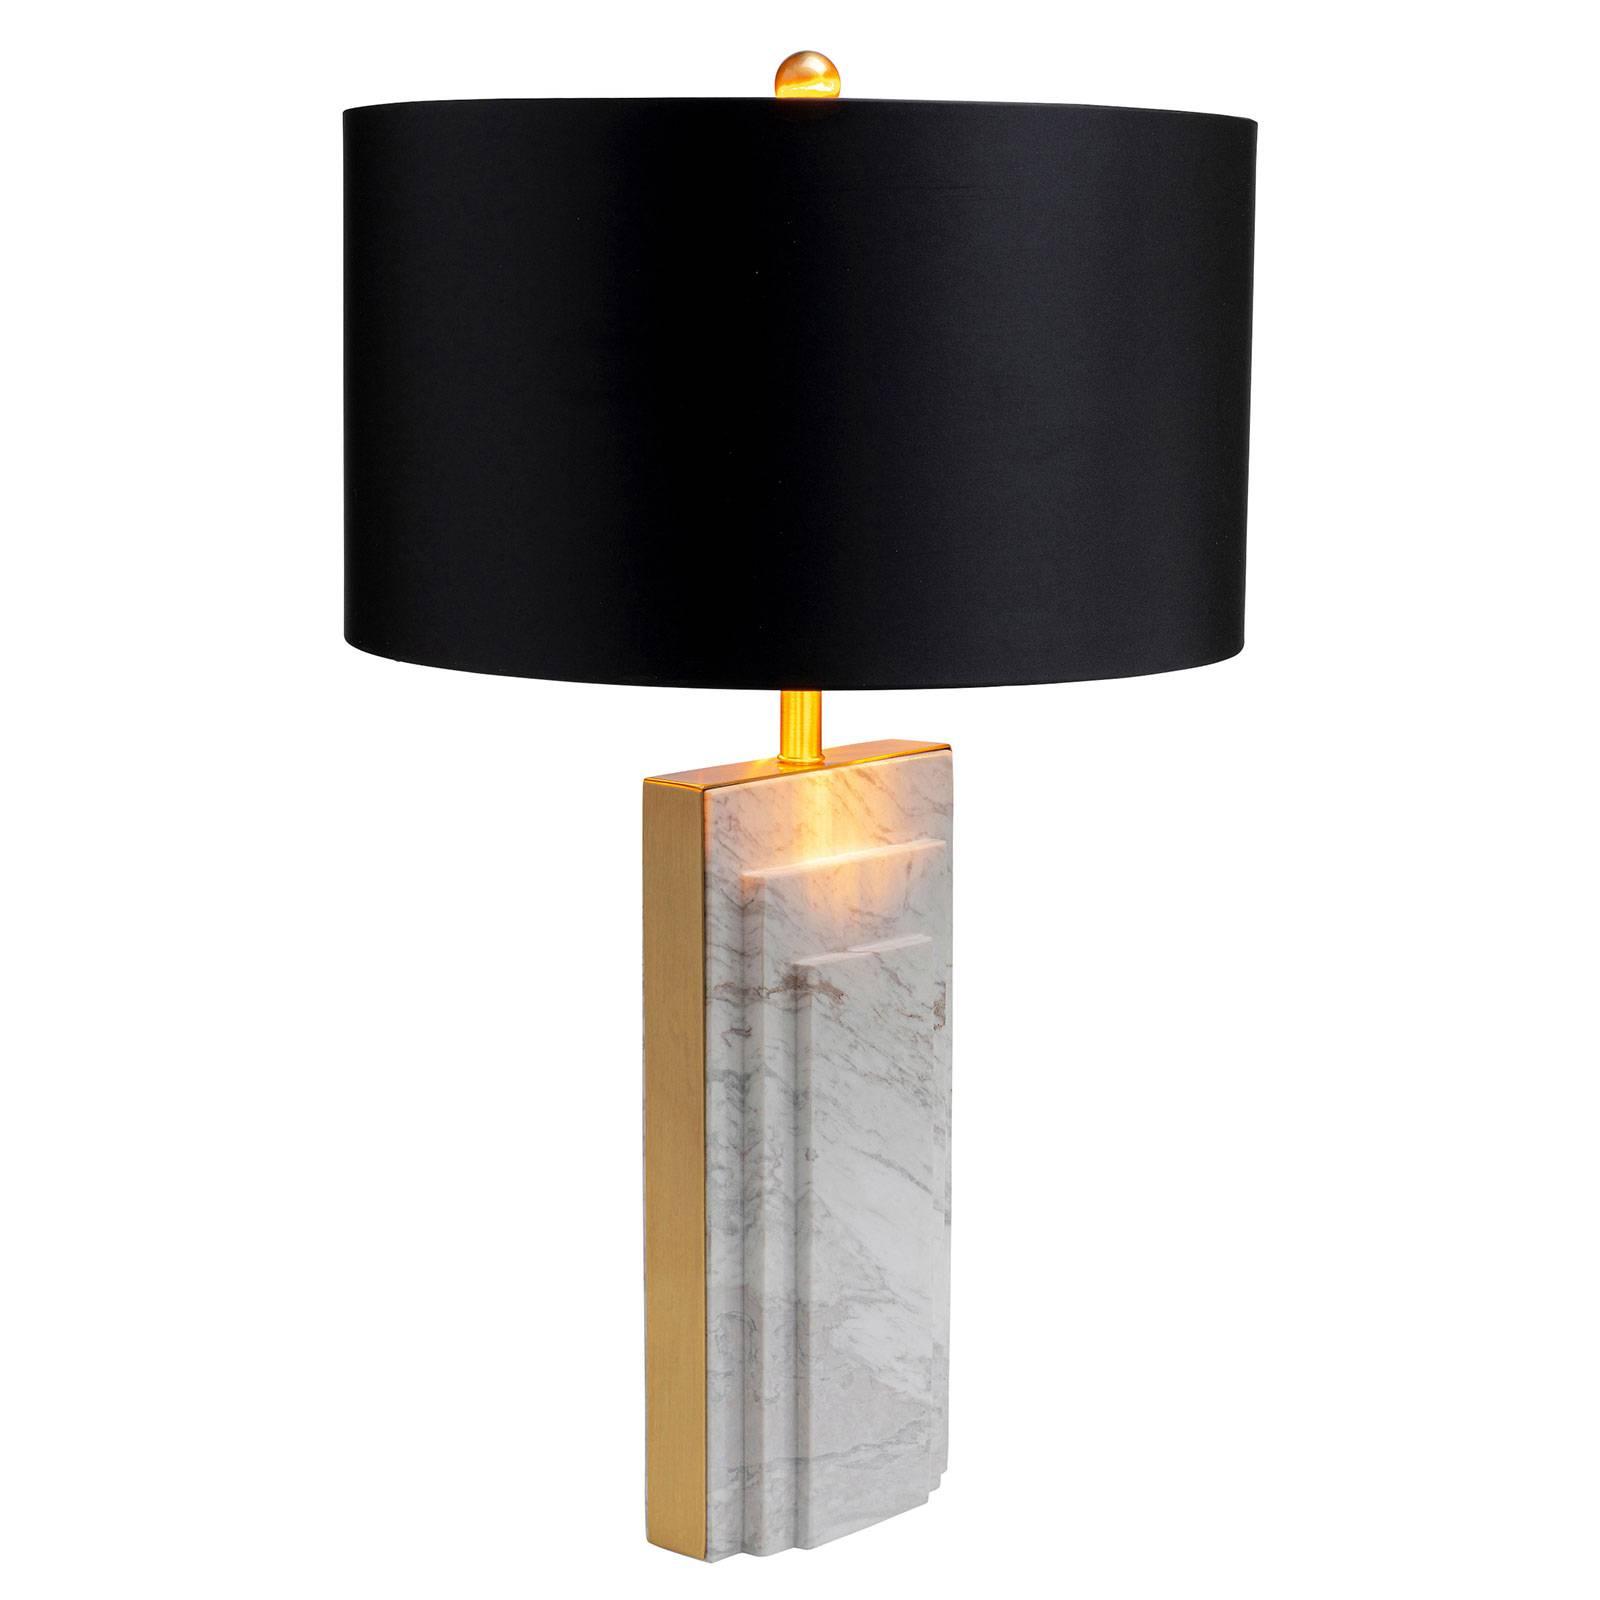 KARE Rumba Marble tafellamp marmer, wit